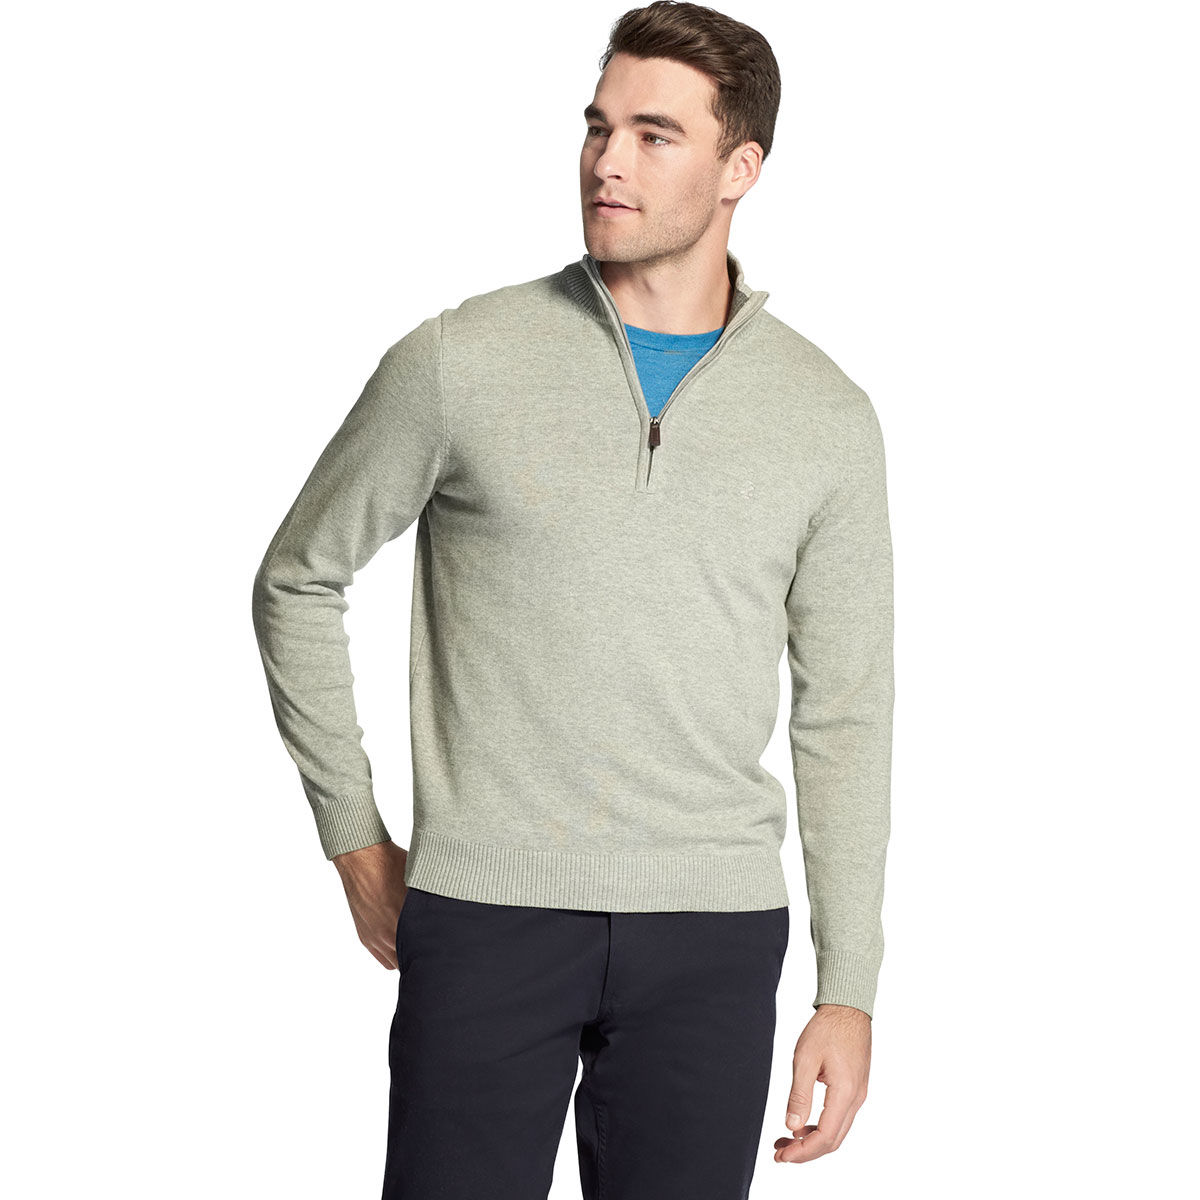 Izod Men's Premium Essentials 1/4 Zip Sweater - Black, L